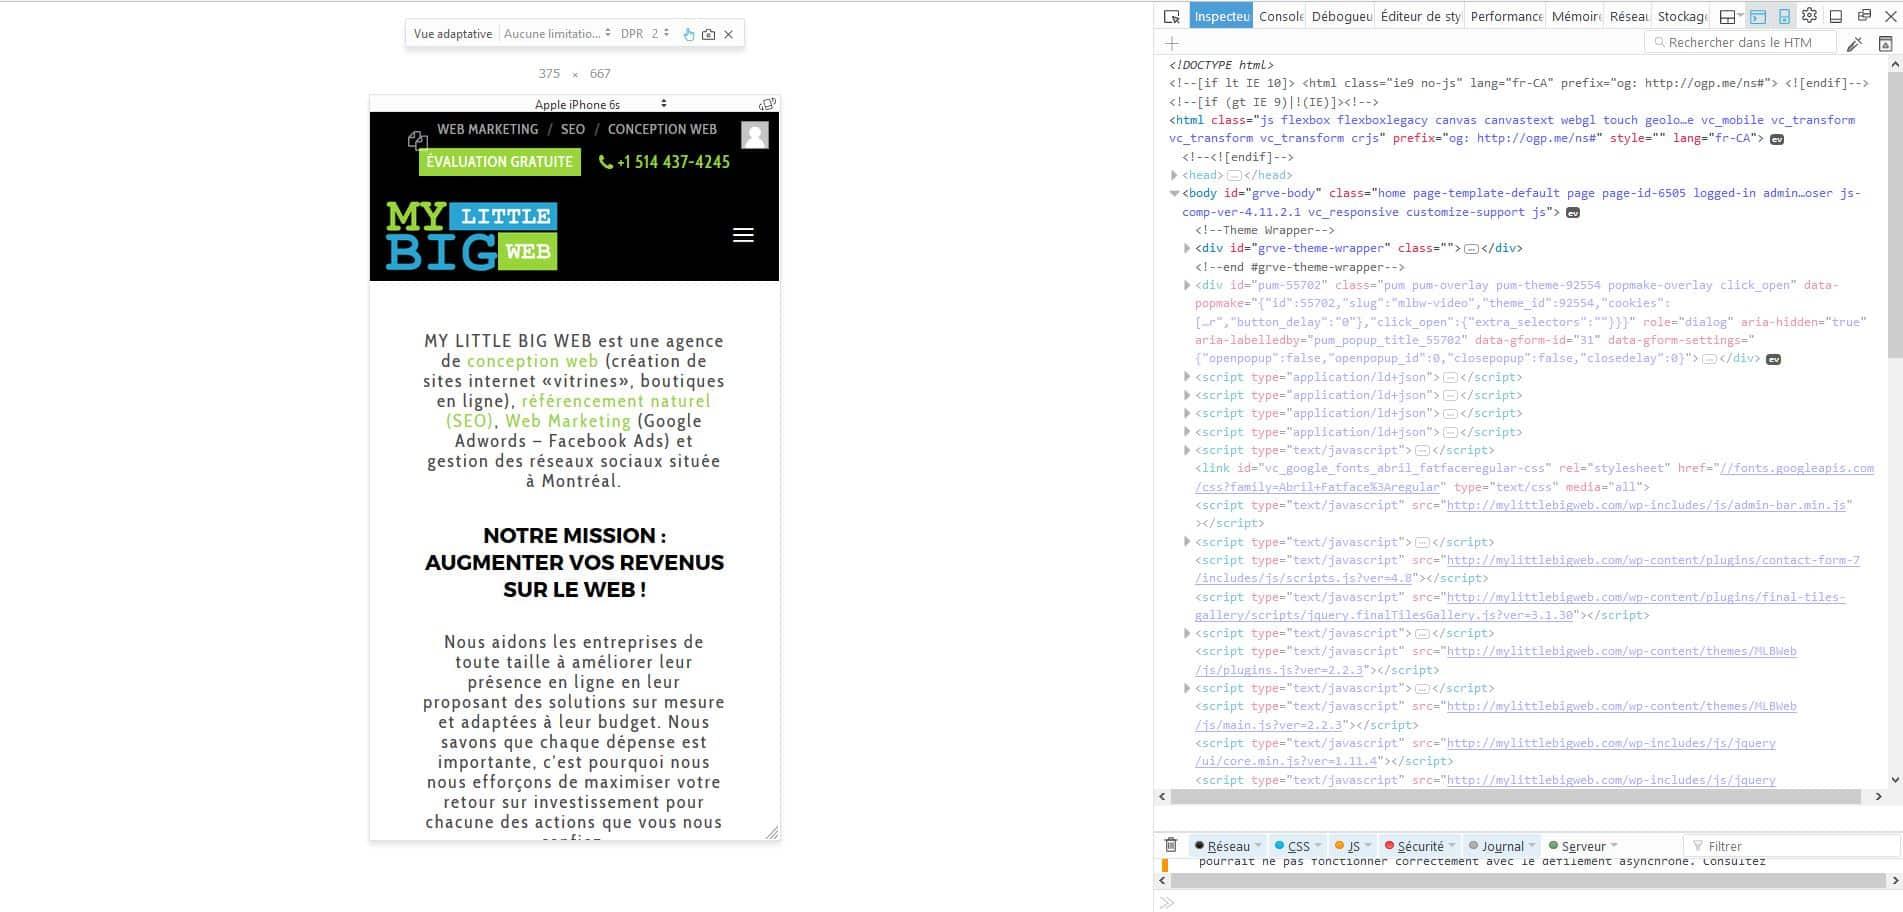 conception-refonte-site-web